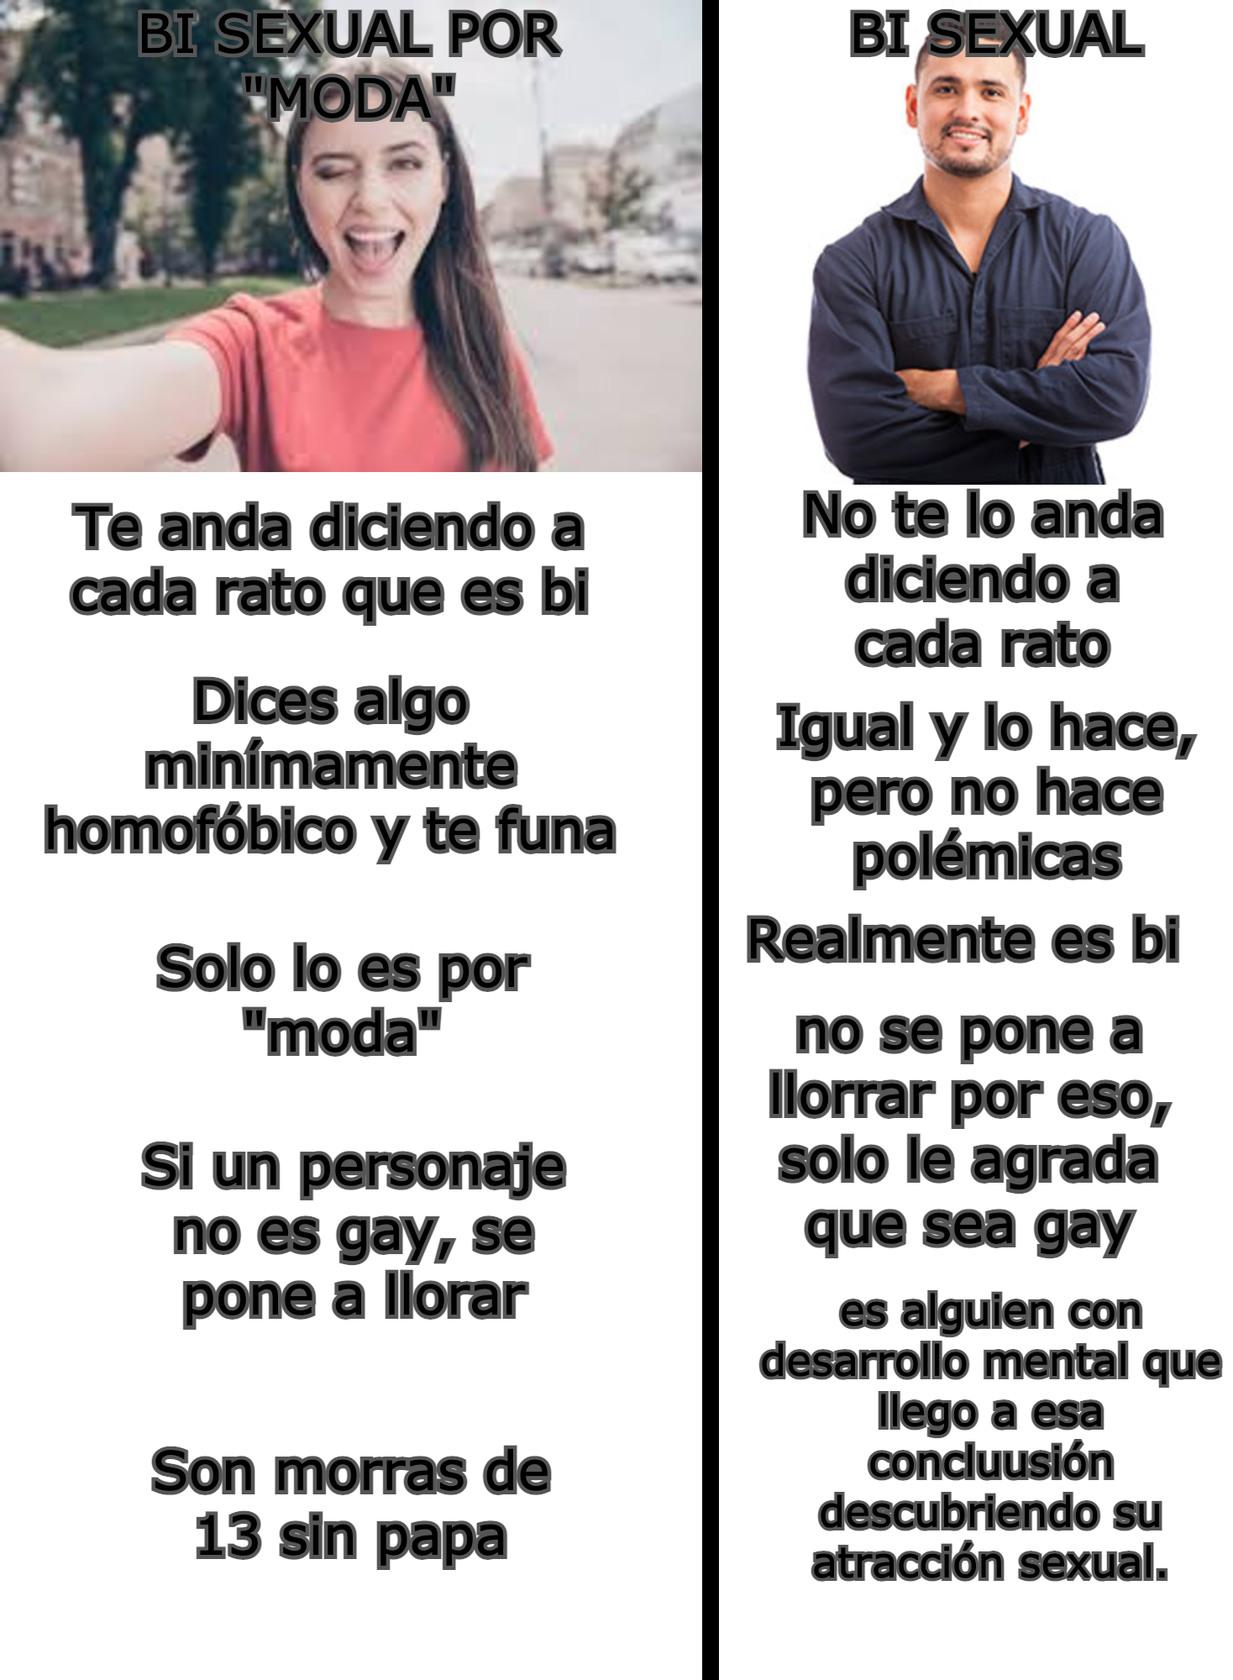 morras de tusecreto.io be like: PD:soy hetero y no niego que hay bisexuales ue no hacen polemicas - meme